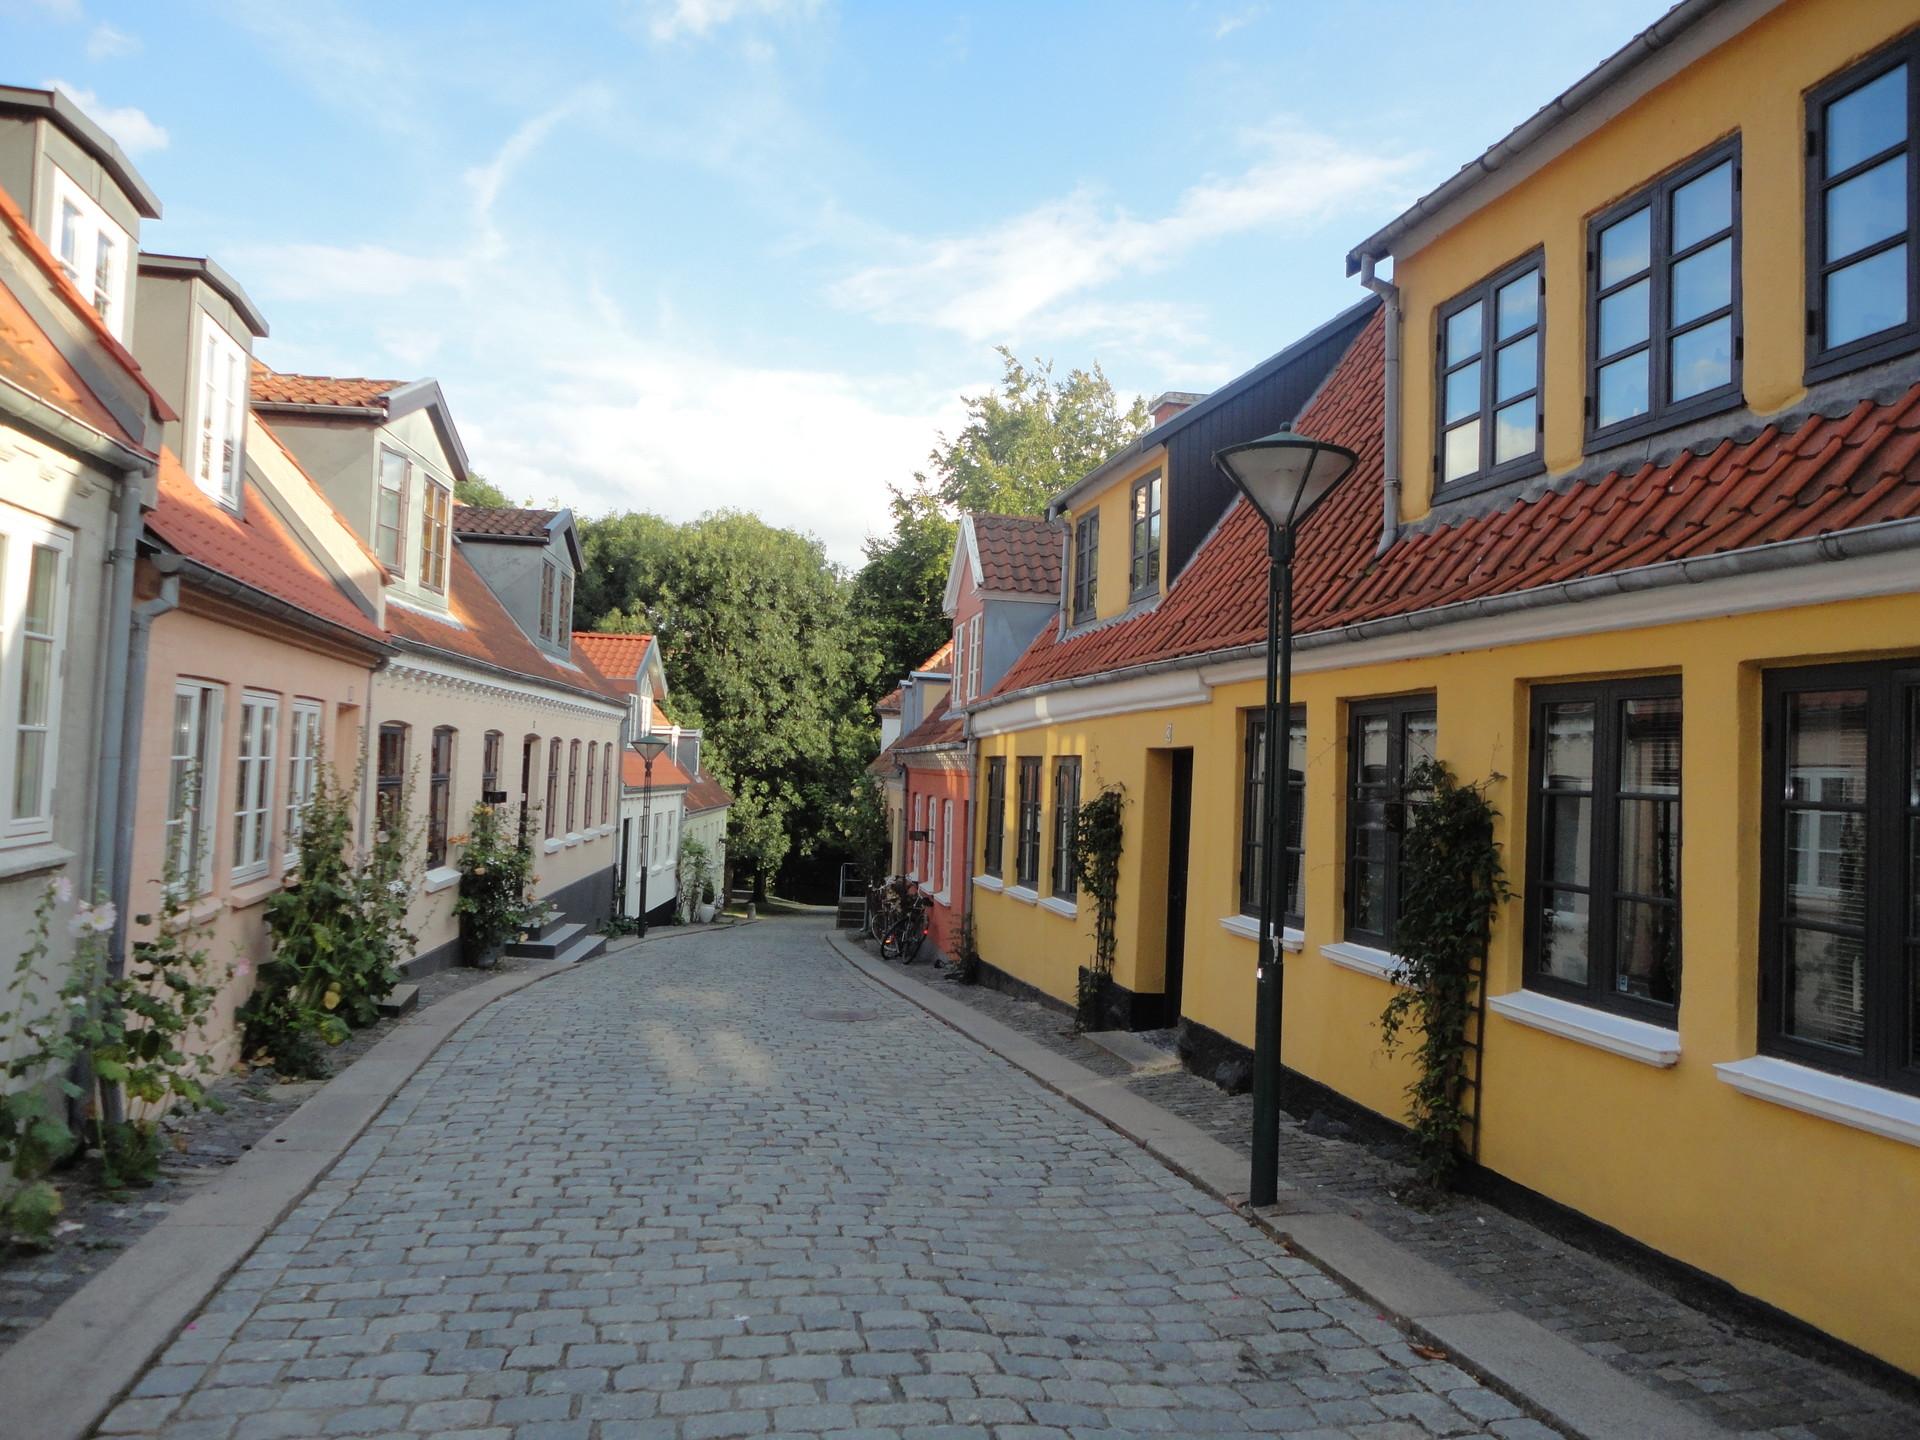 Experiência de Erasmus em Odense, Dinamarca, por Célile